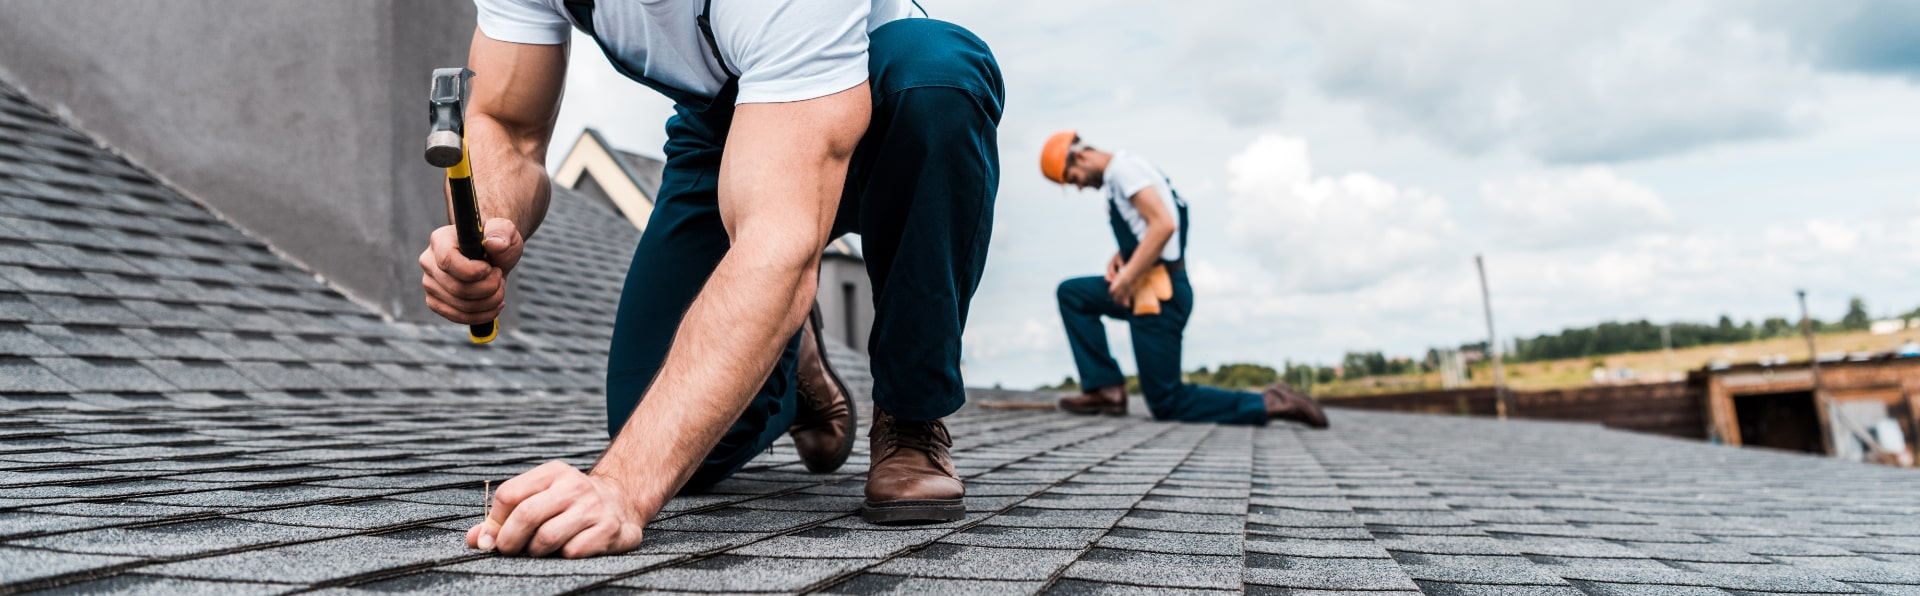 SPL Property Management - Report a repair